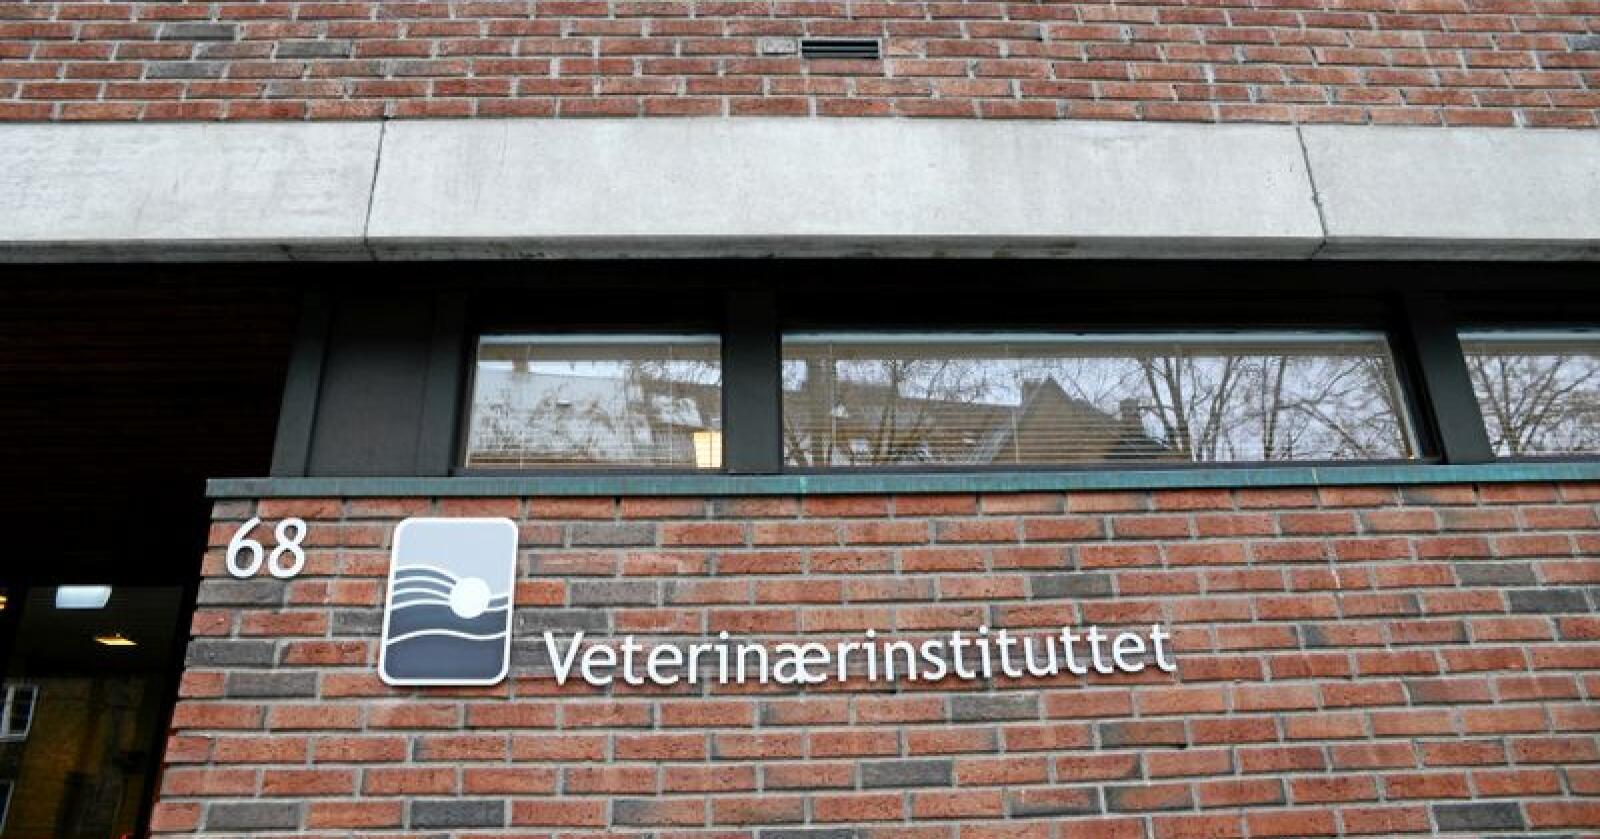 Veterinærinstituttet har gitt 13 personer om varsel om oppsigelse. Foto: Mariann Tvete